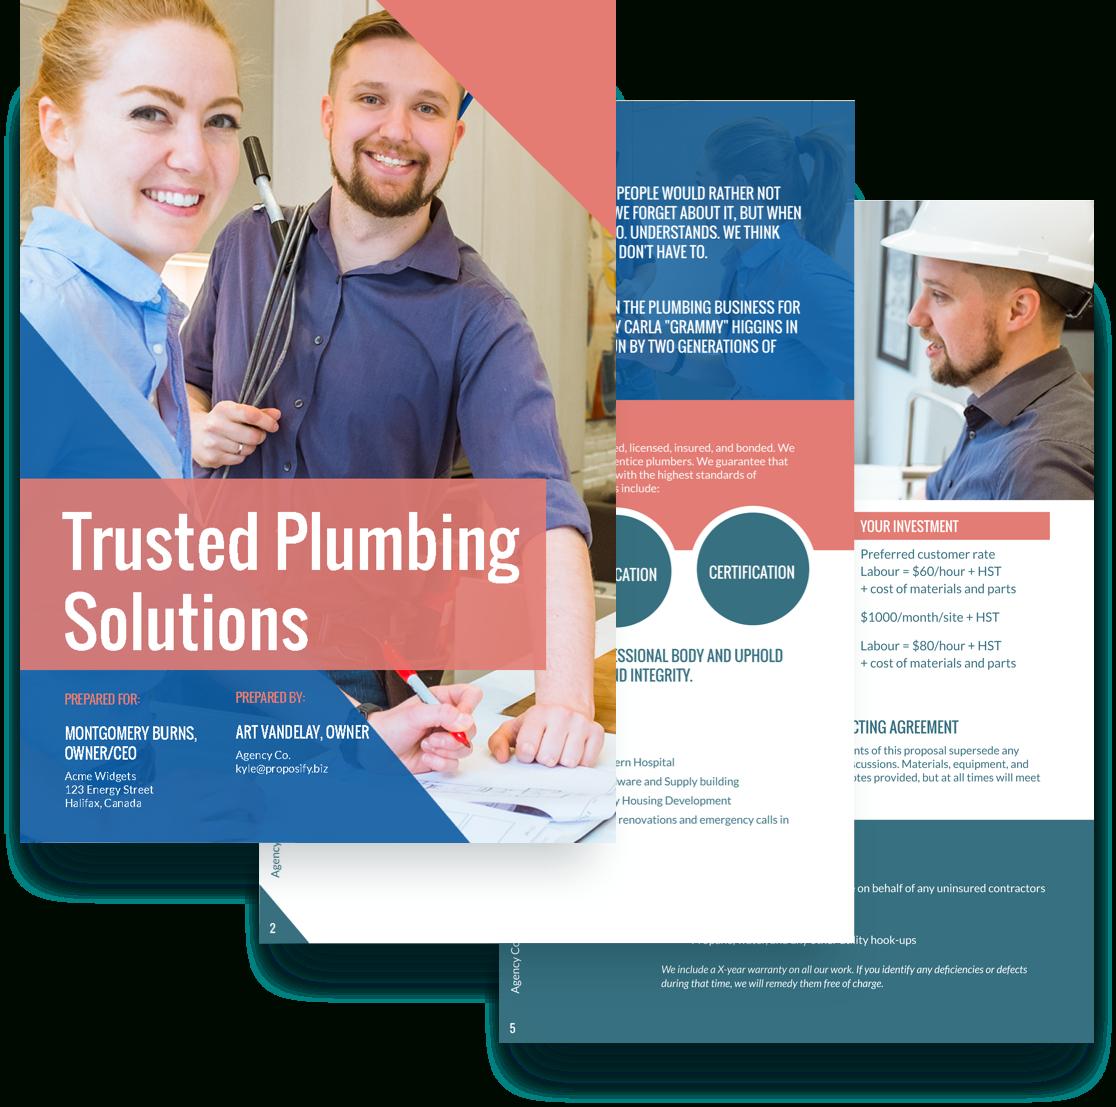 Plumbing Proposal Template  Free Sample | Proposify inside Plumbing Proposal Template Free